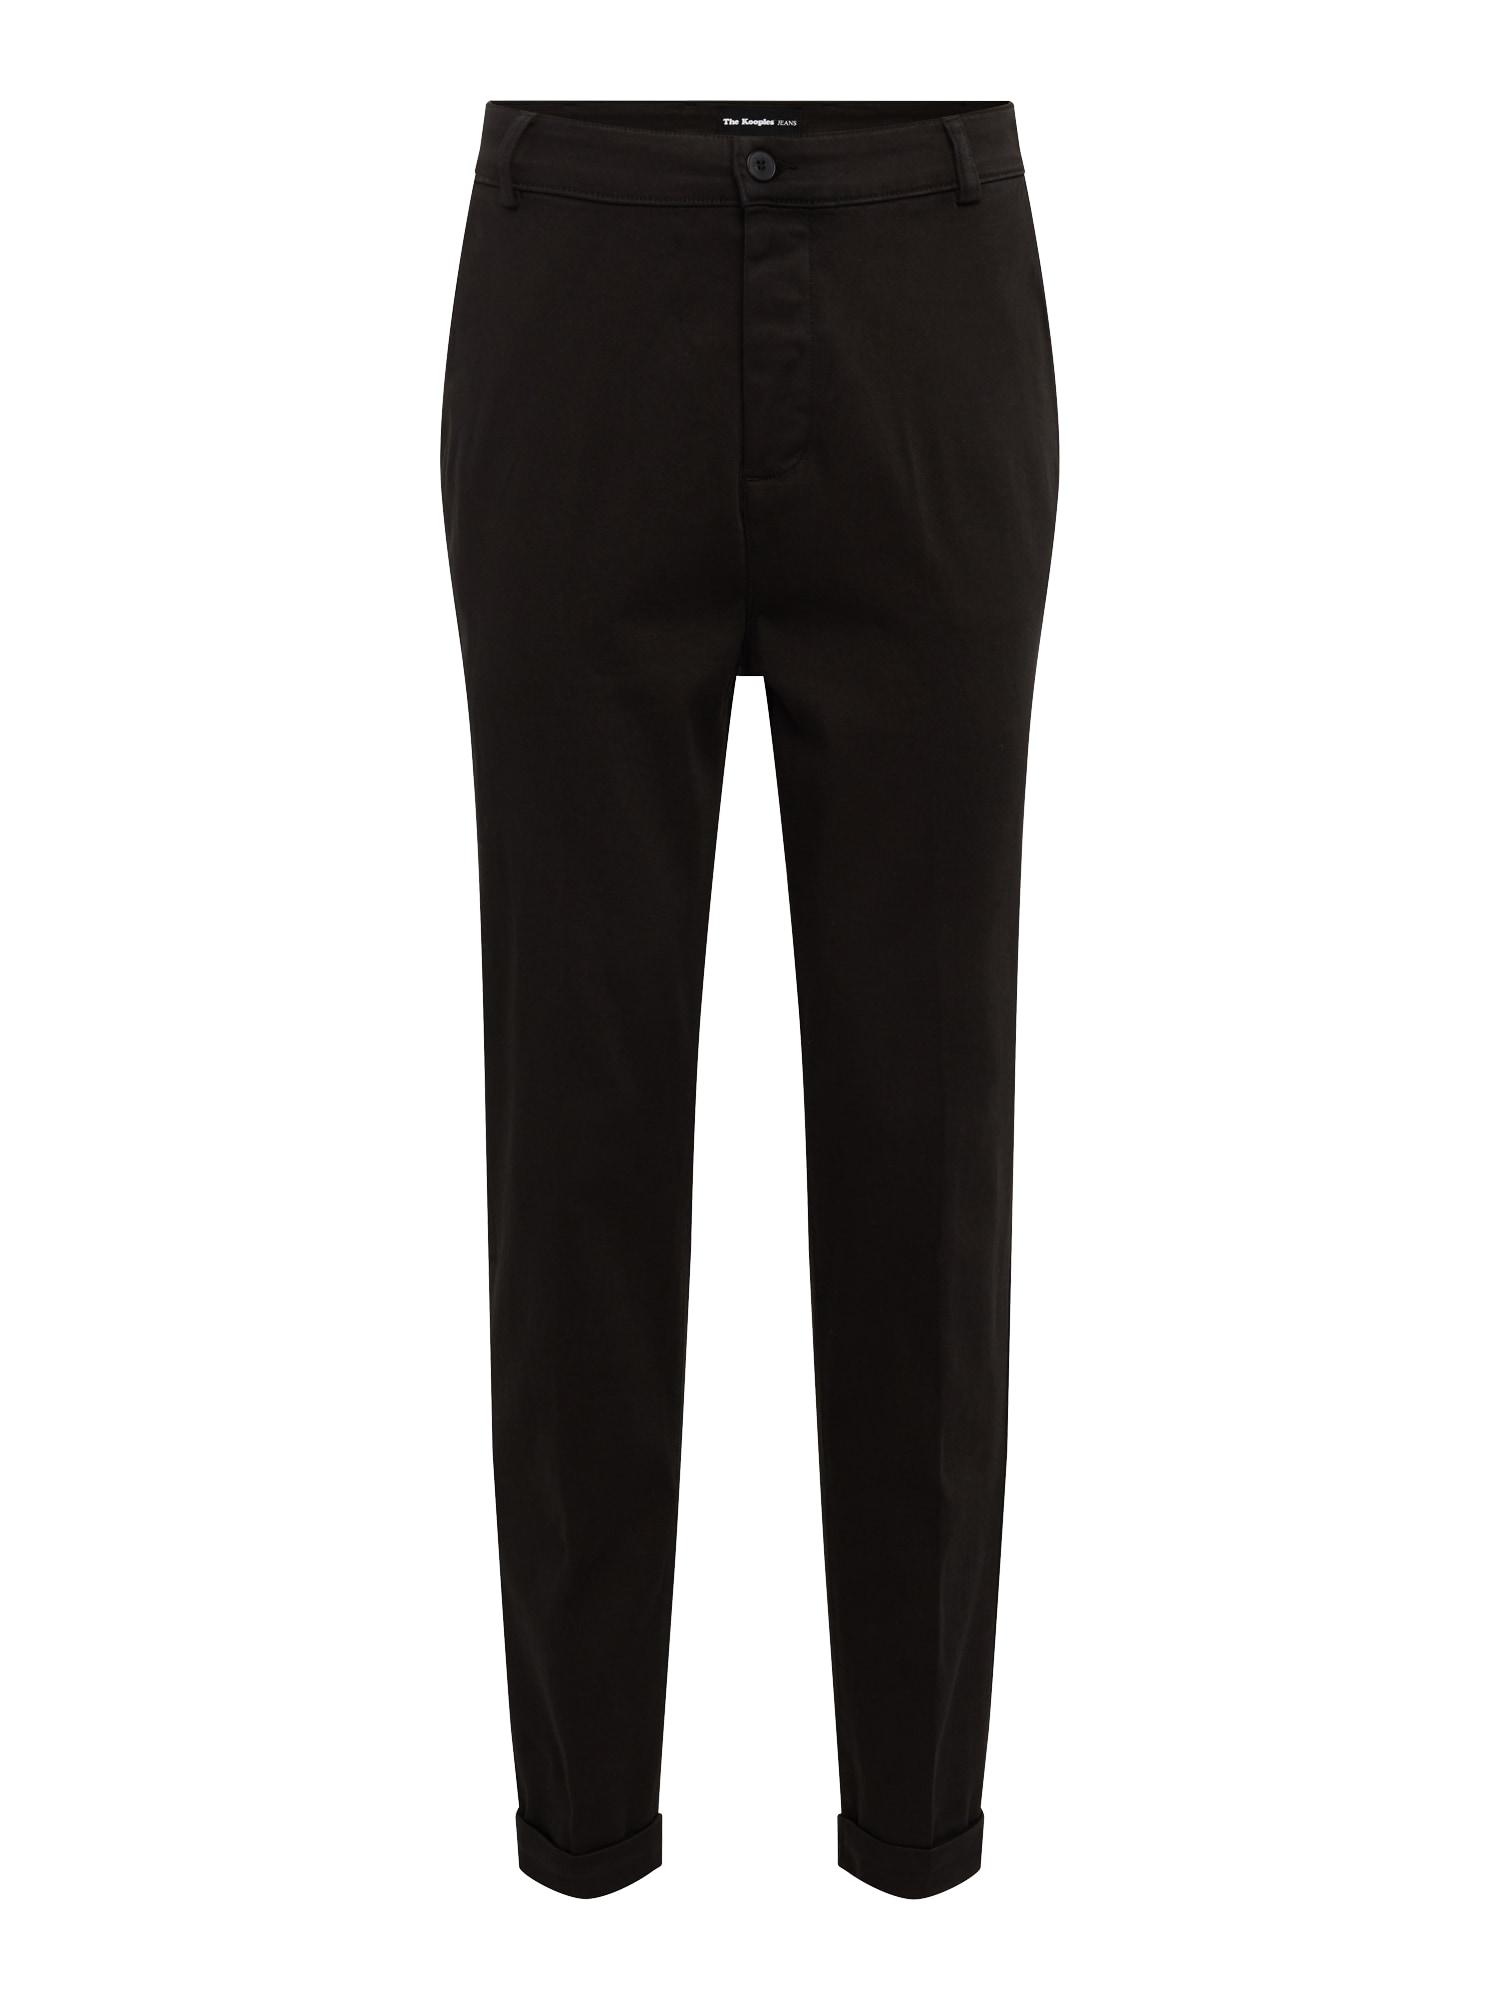 Kalhoty TROUSER černá THE KOOPLES SPORT